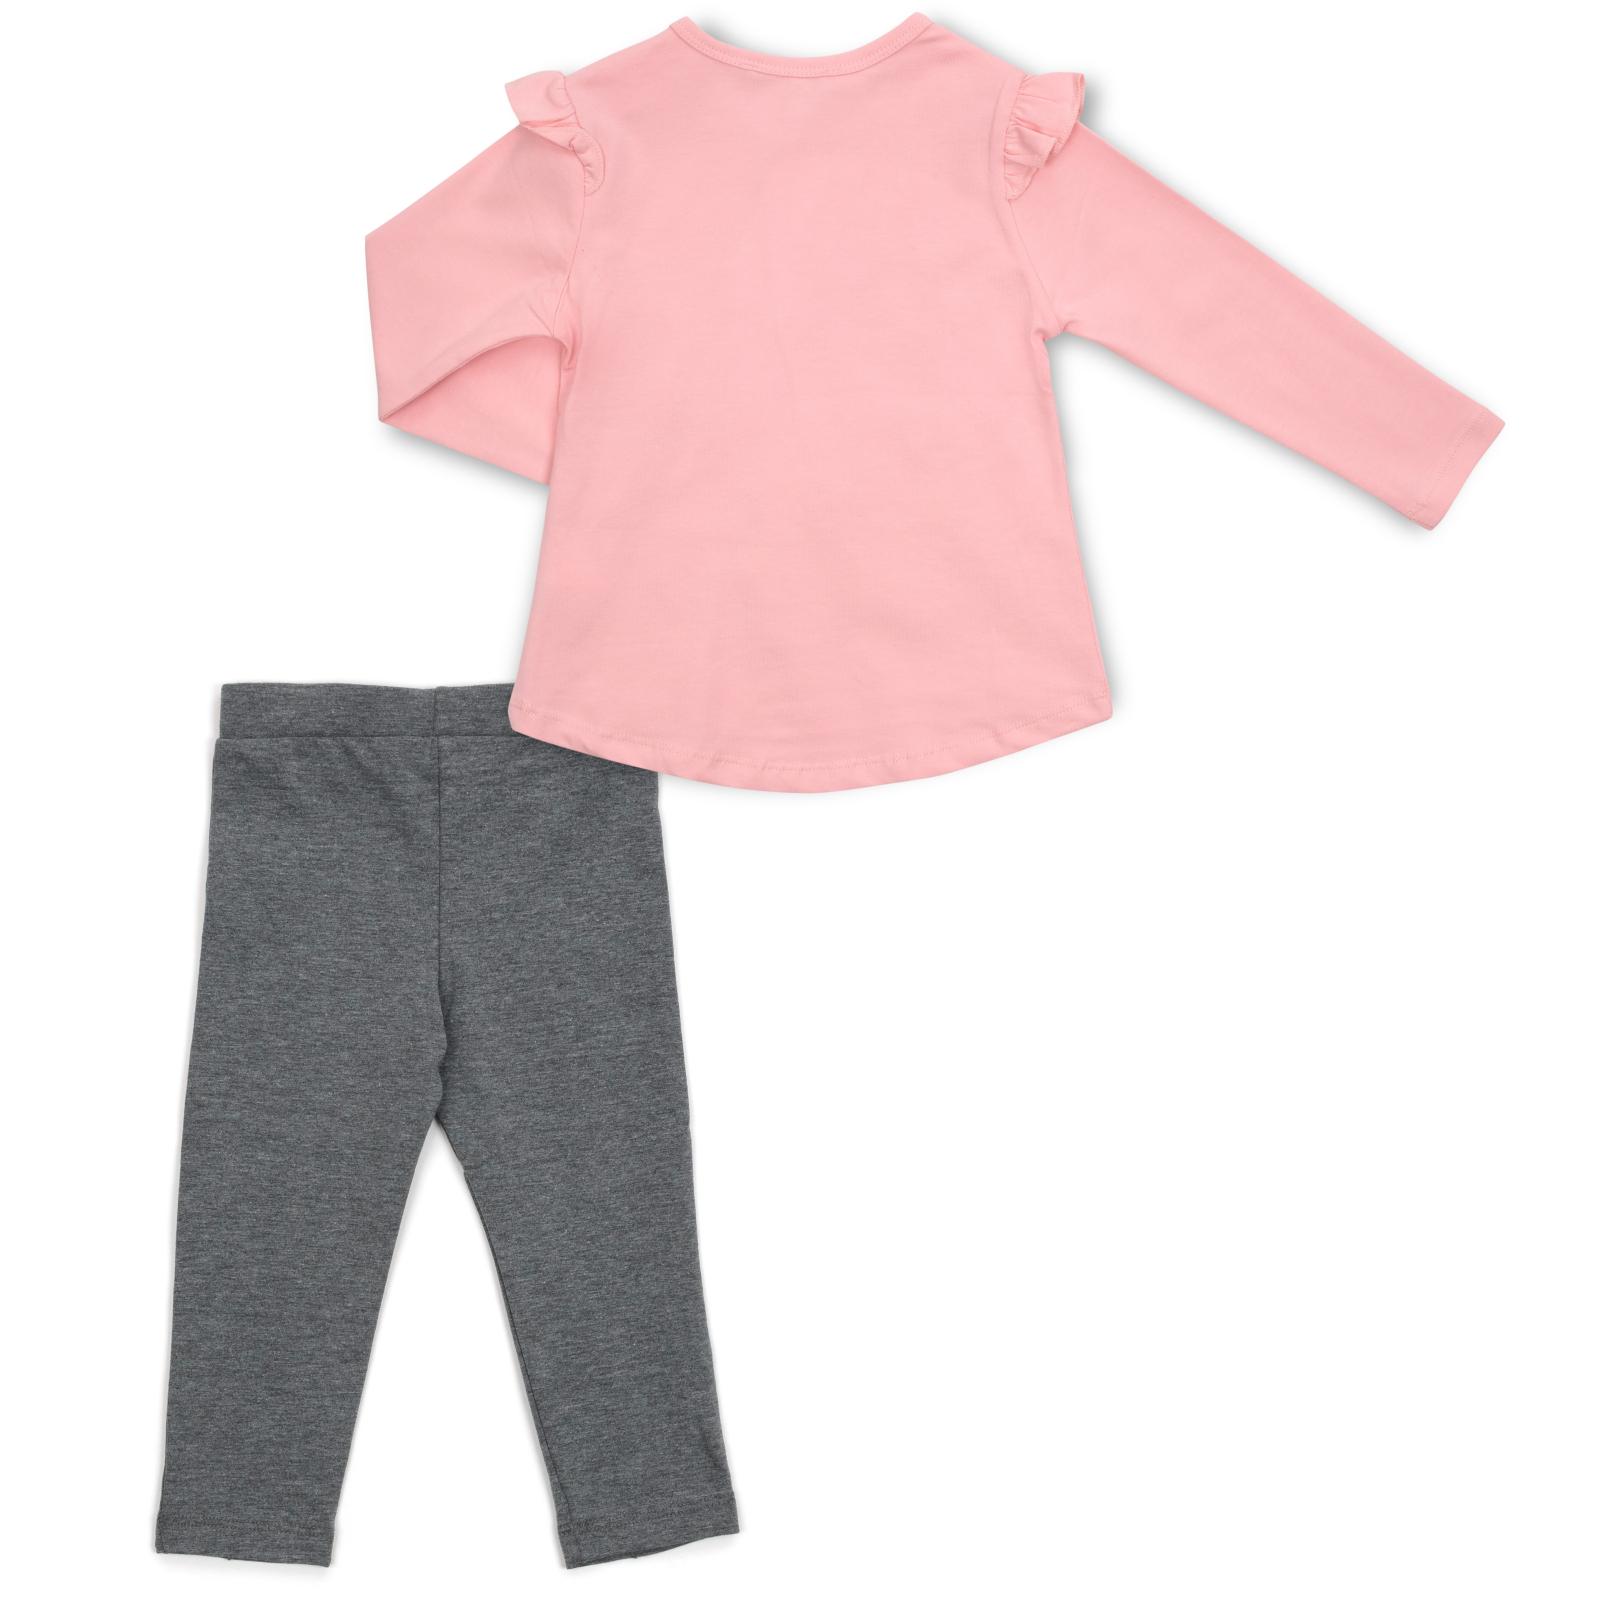 Набор детской одежды Breeze с зайчиком в цветах (13299-92G-pink) изображение 4